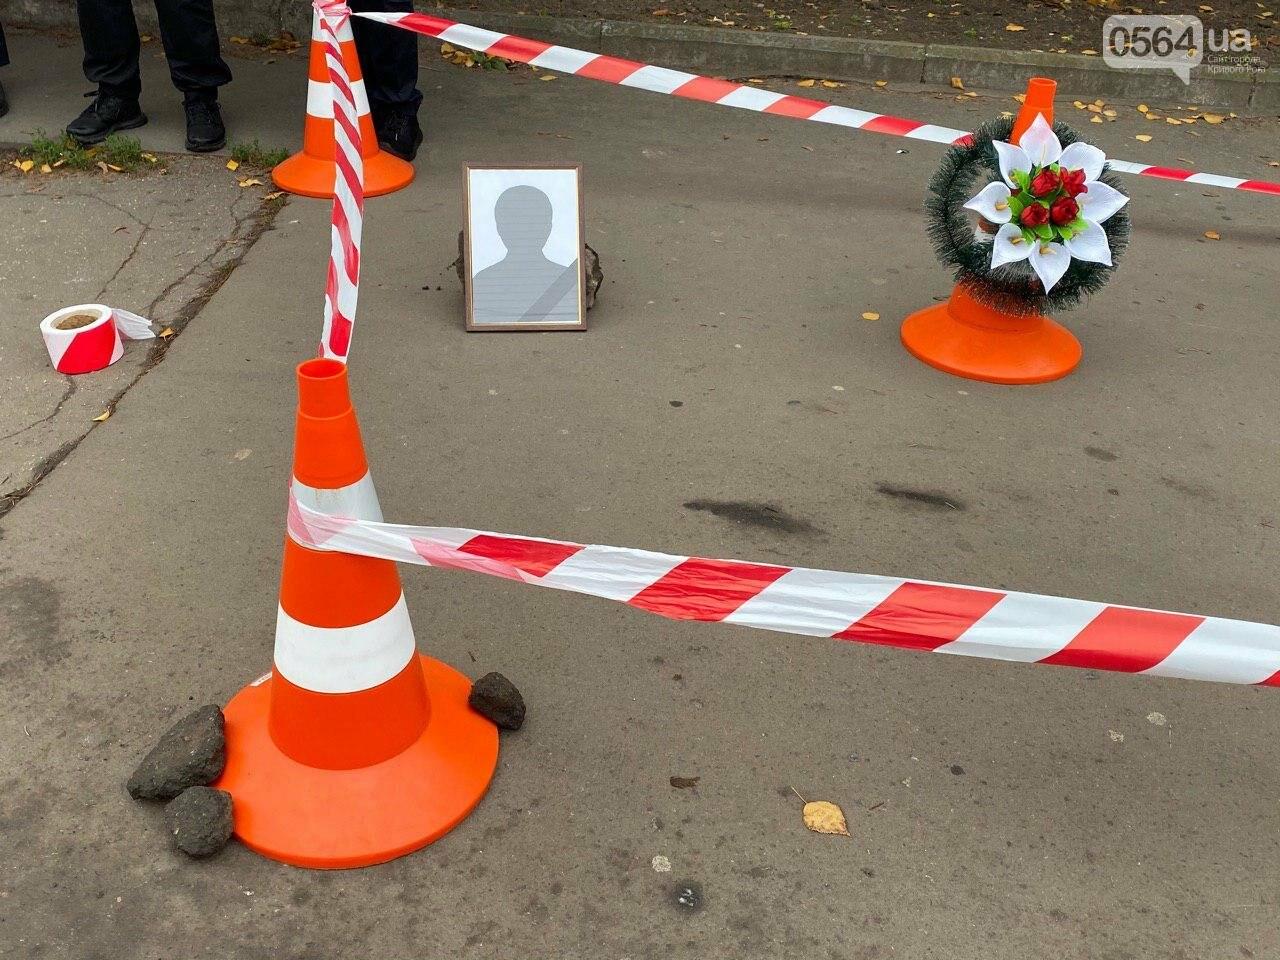 На центральном проспекте в Кривом Роге устроили молчаливый протест, - ФОТО, ВИДЕО, фото-19